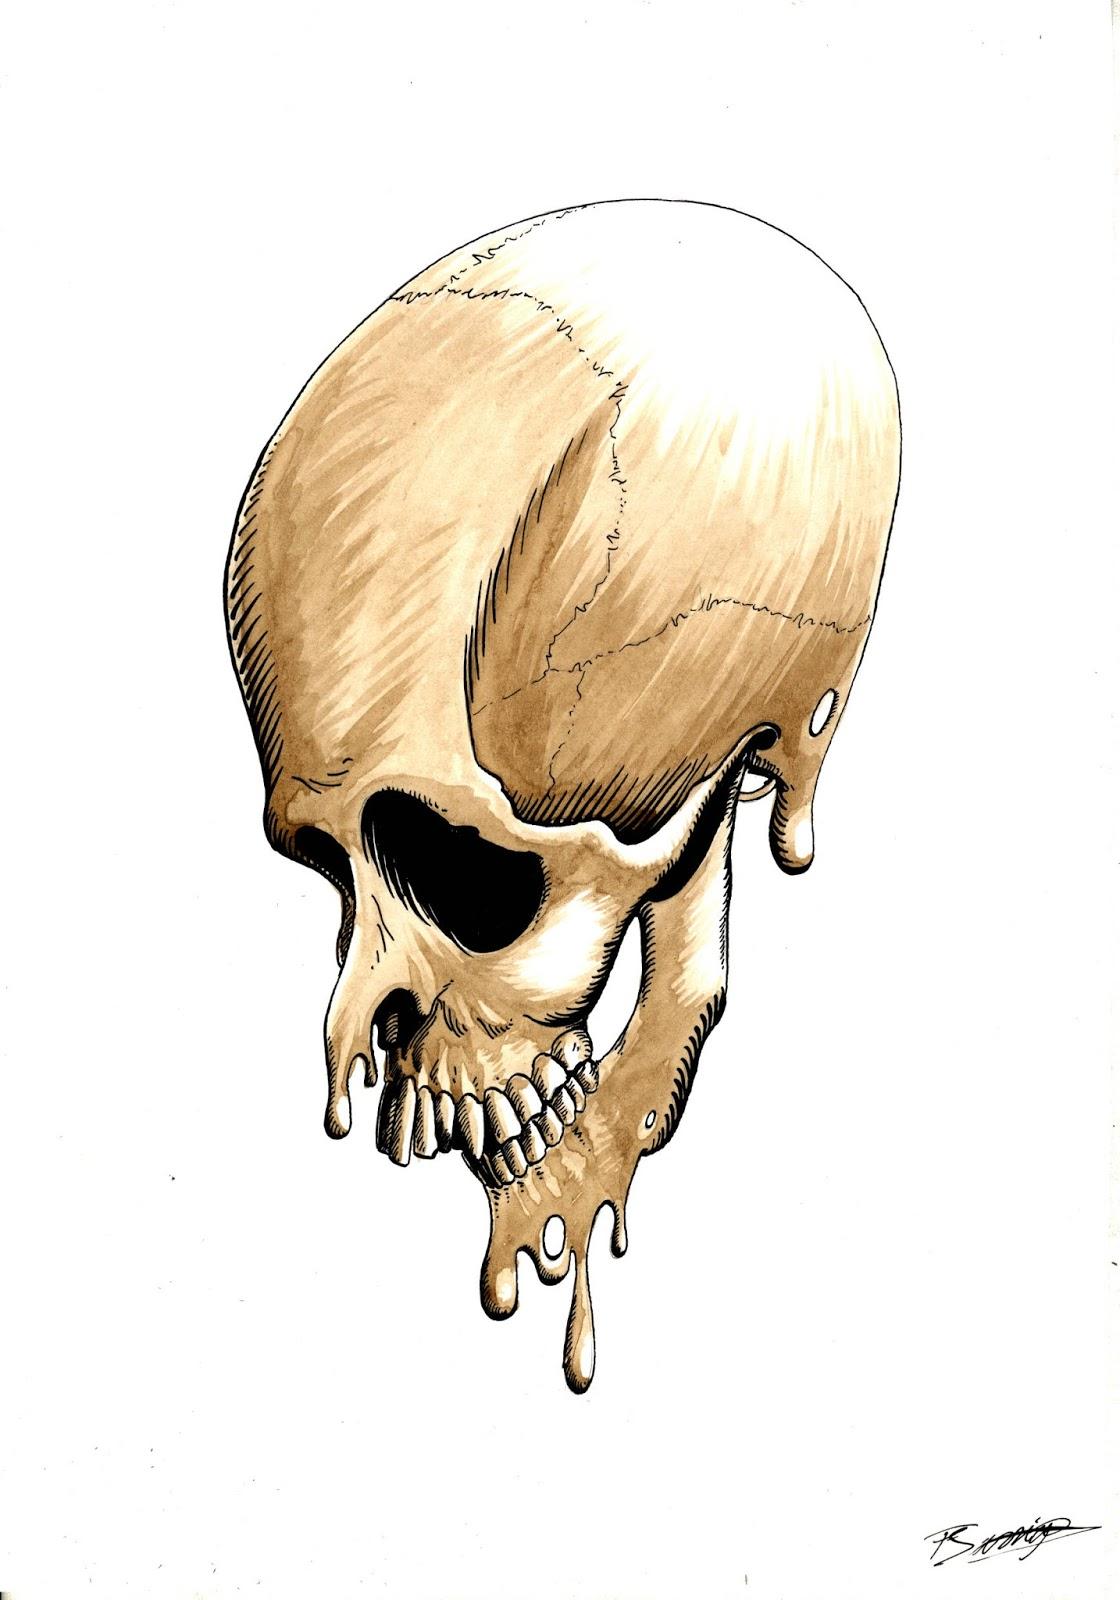 A4 Tinta china, cáscara de nuez - serie Macabre Anatomie